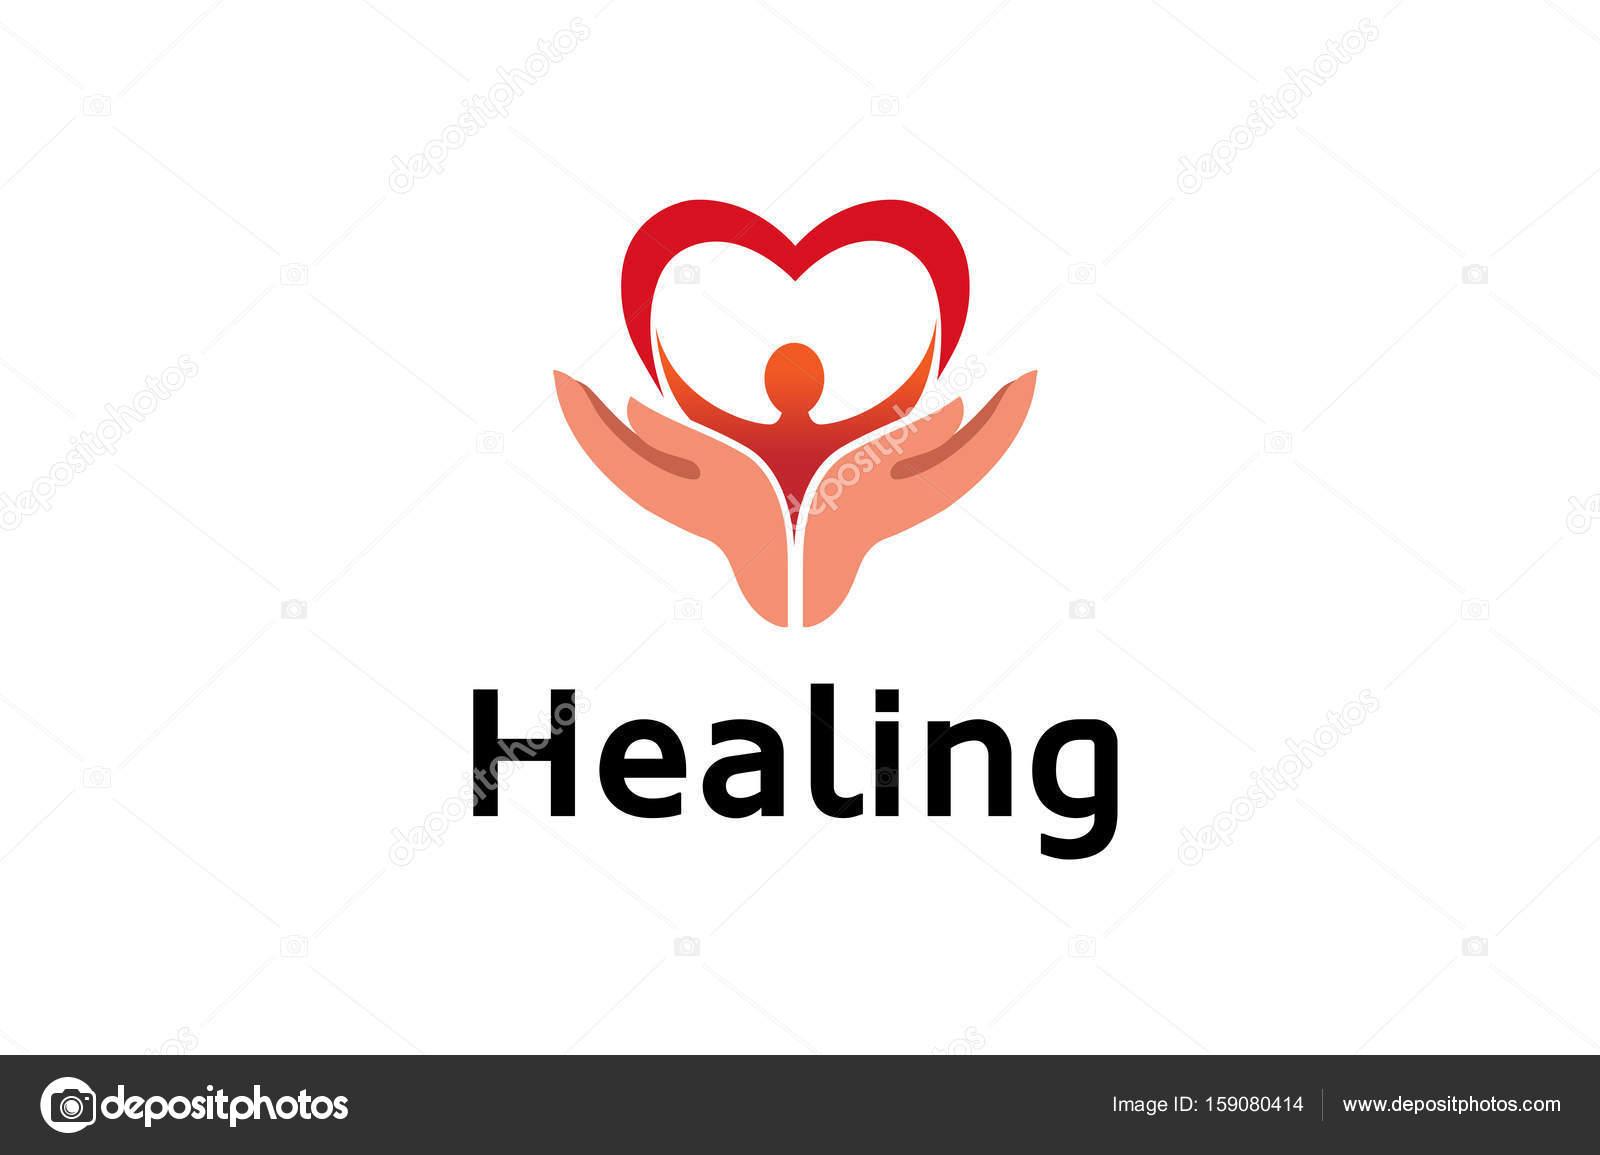 Kreative Hände Halten Menschliche Körper Mit Herz Symbol Logo Design ...